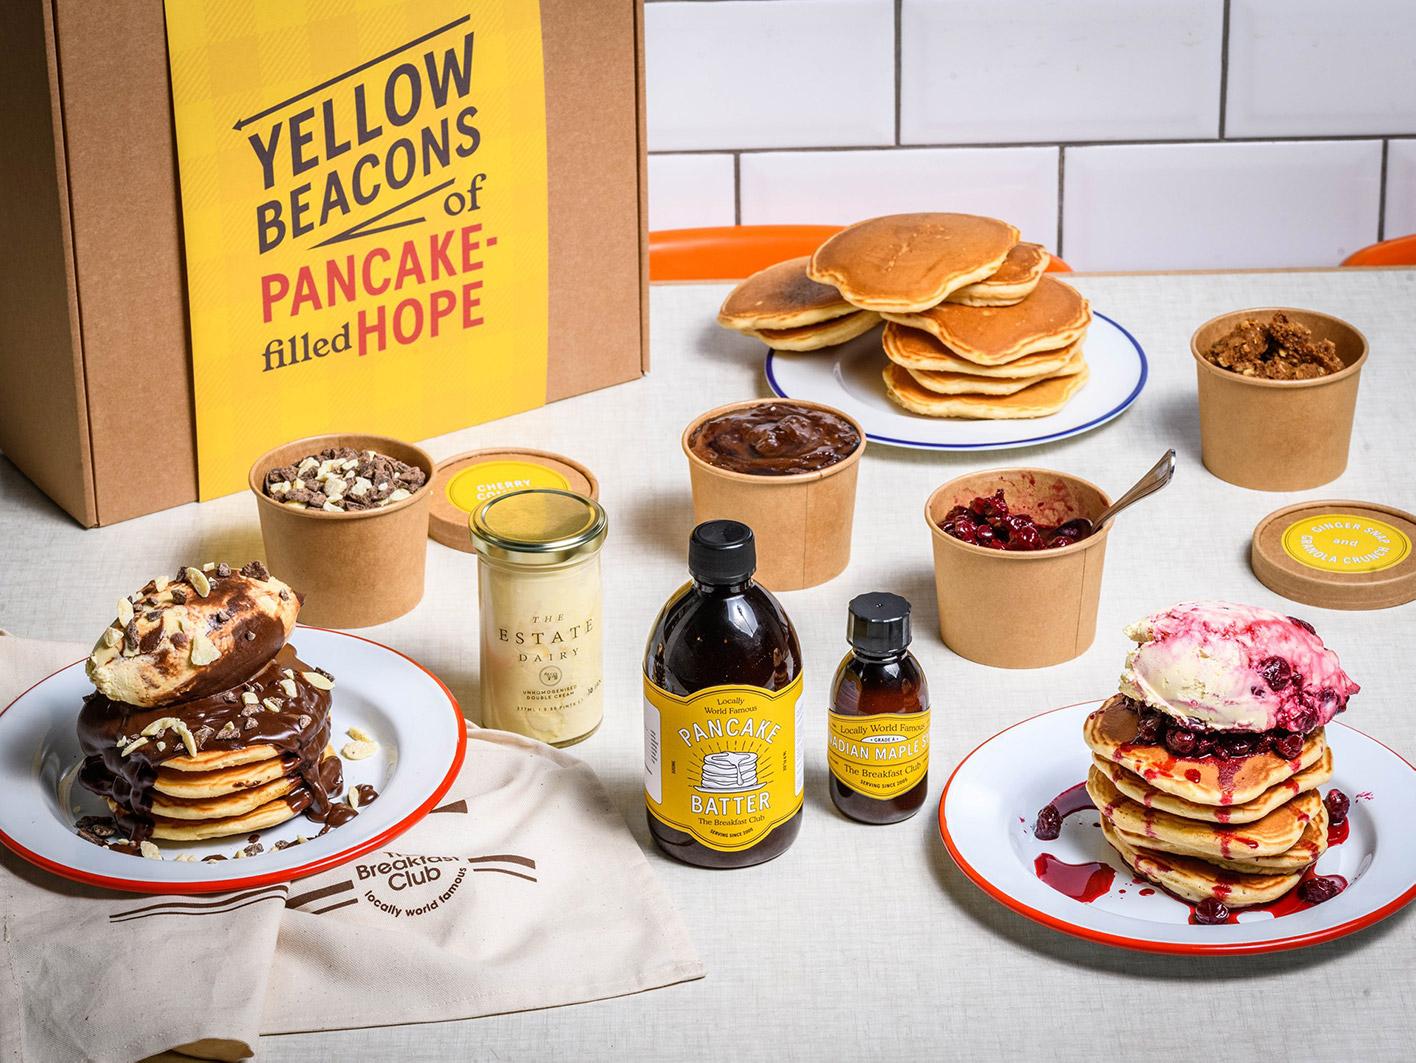 倫敦必吃9大傳統美食餐點和餐廳推薦:The Breakfast Club